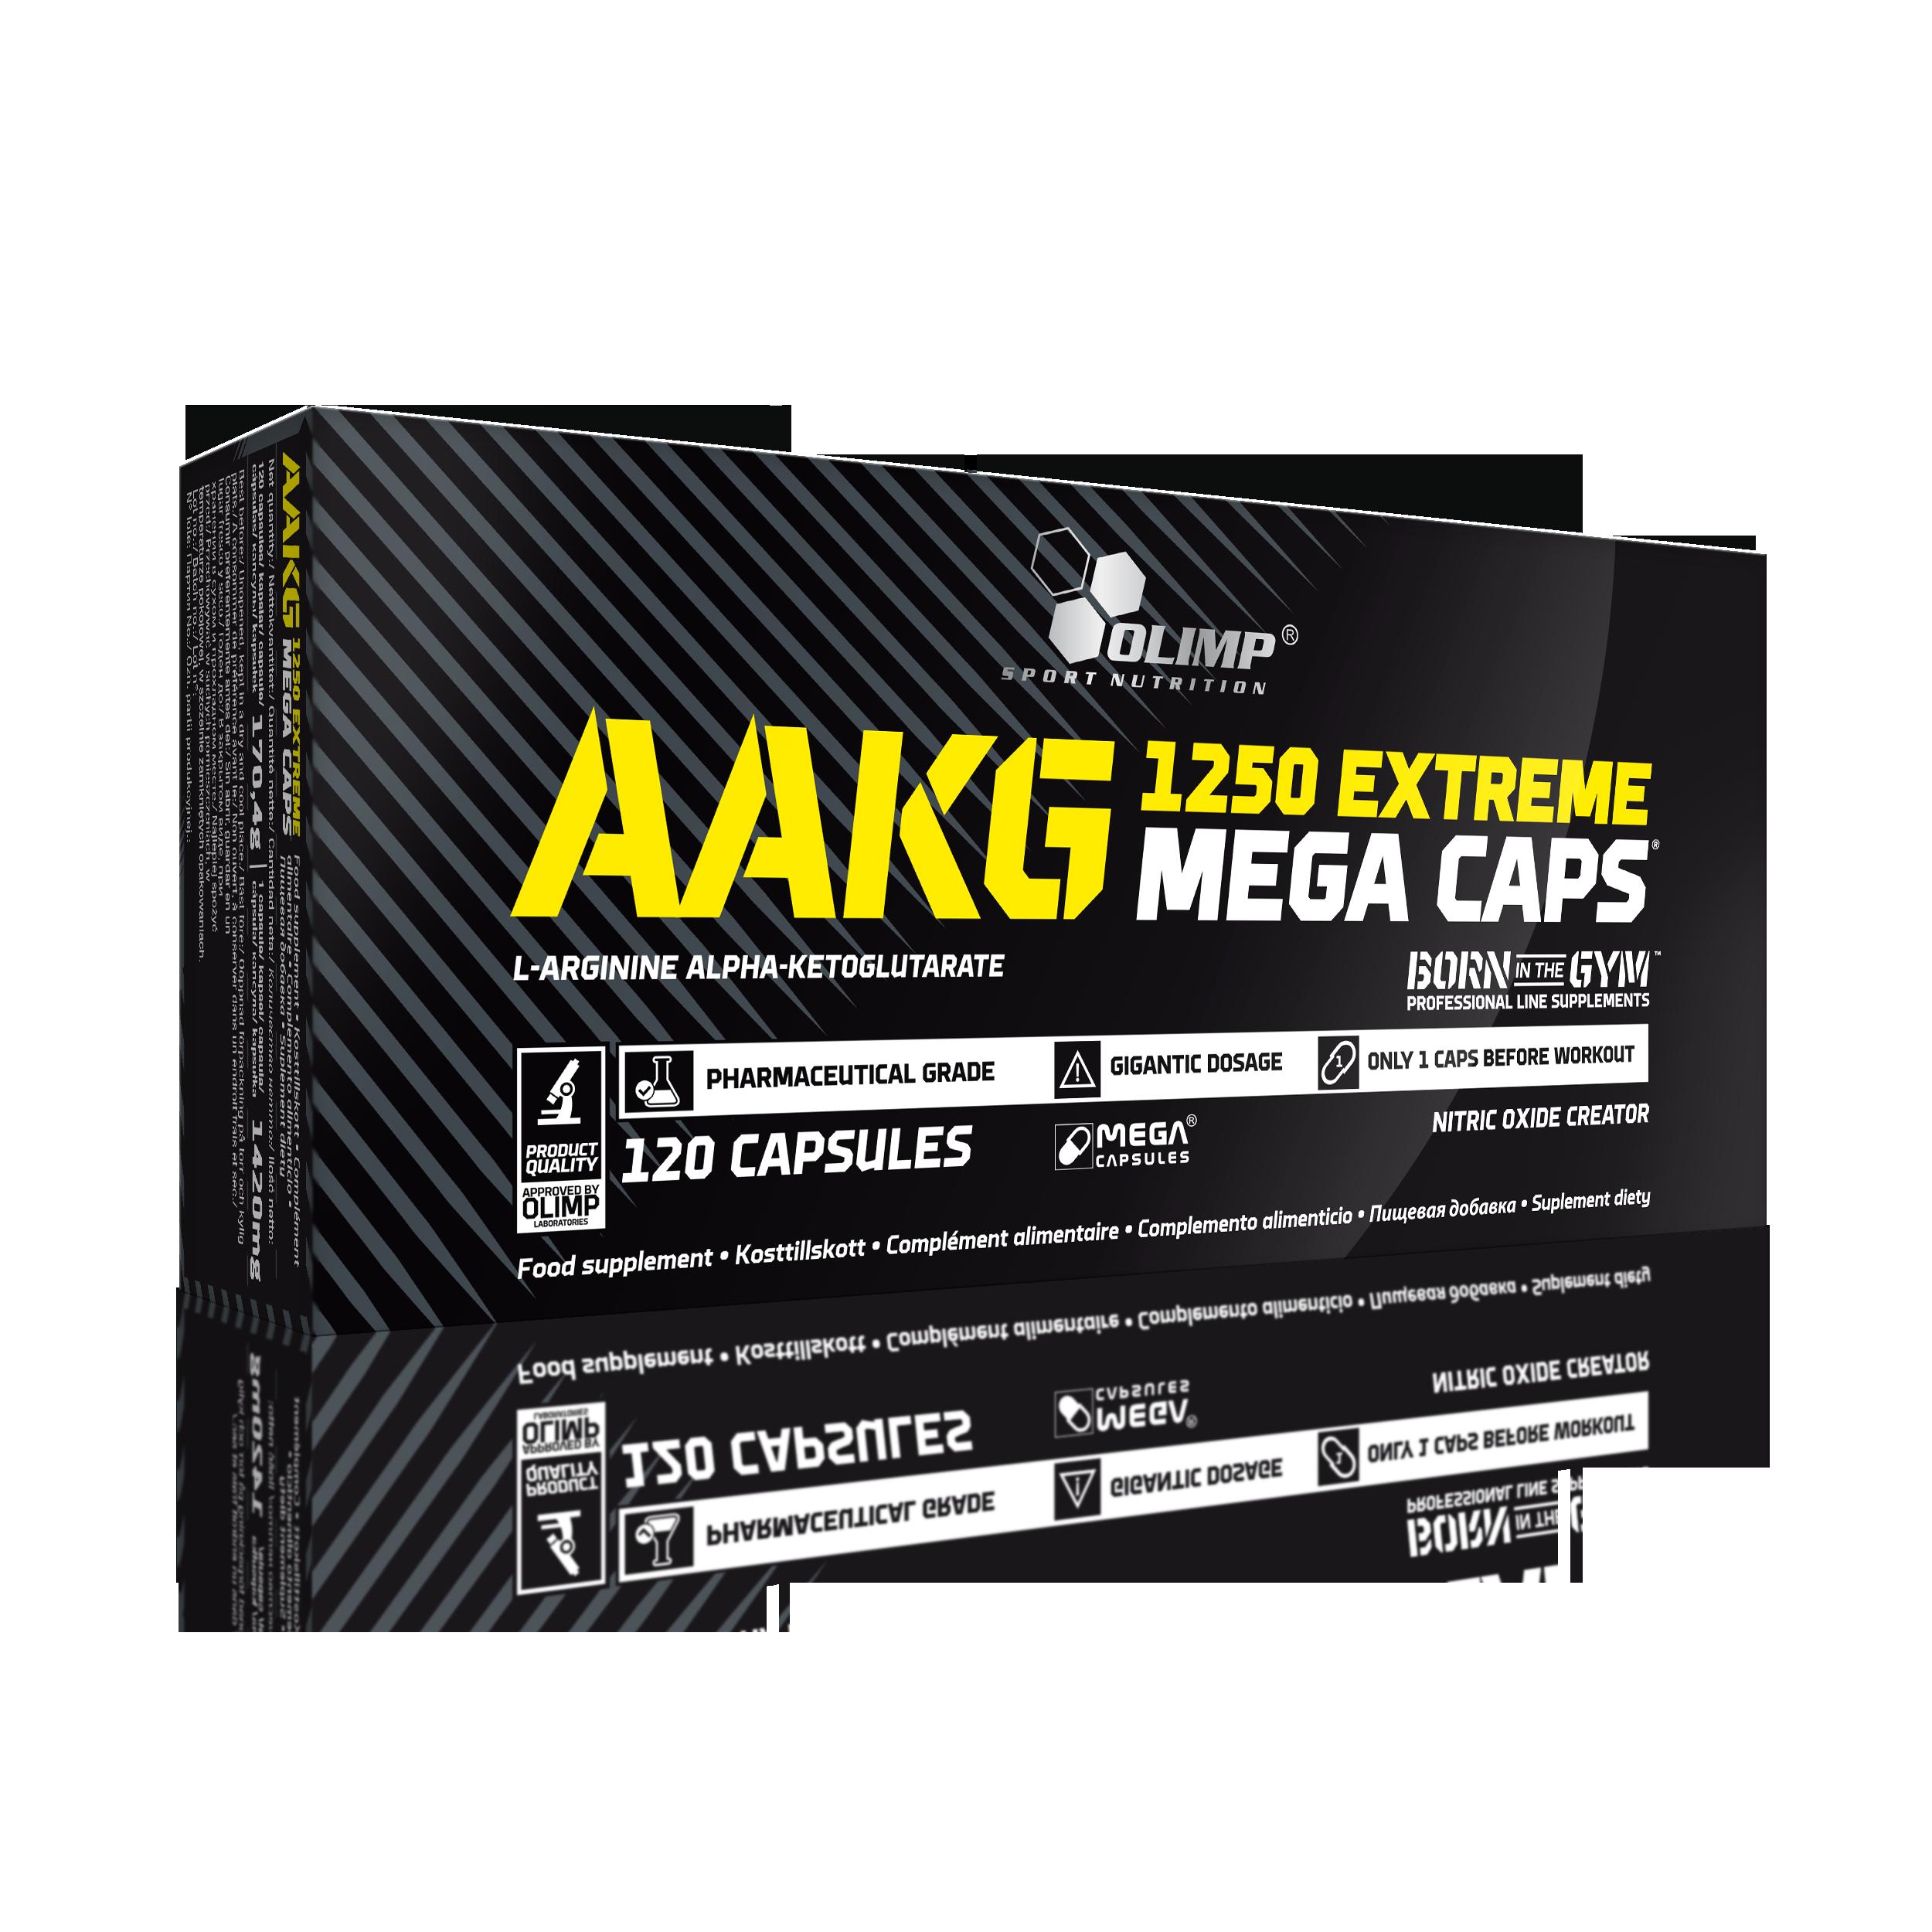 Olimp AAKG Extreme Mega Caps 1250, 120 kapslí